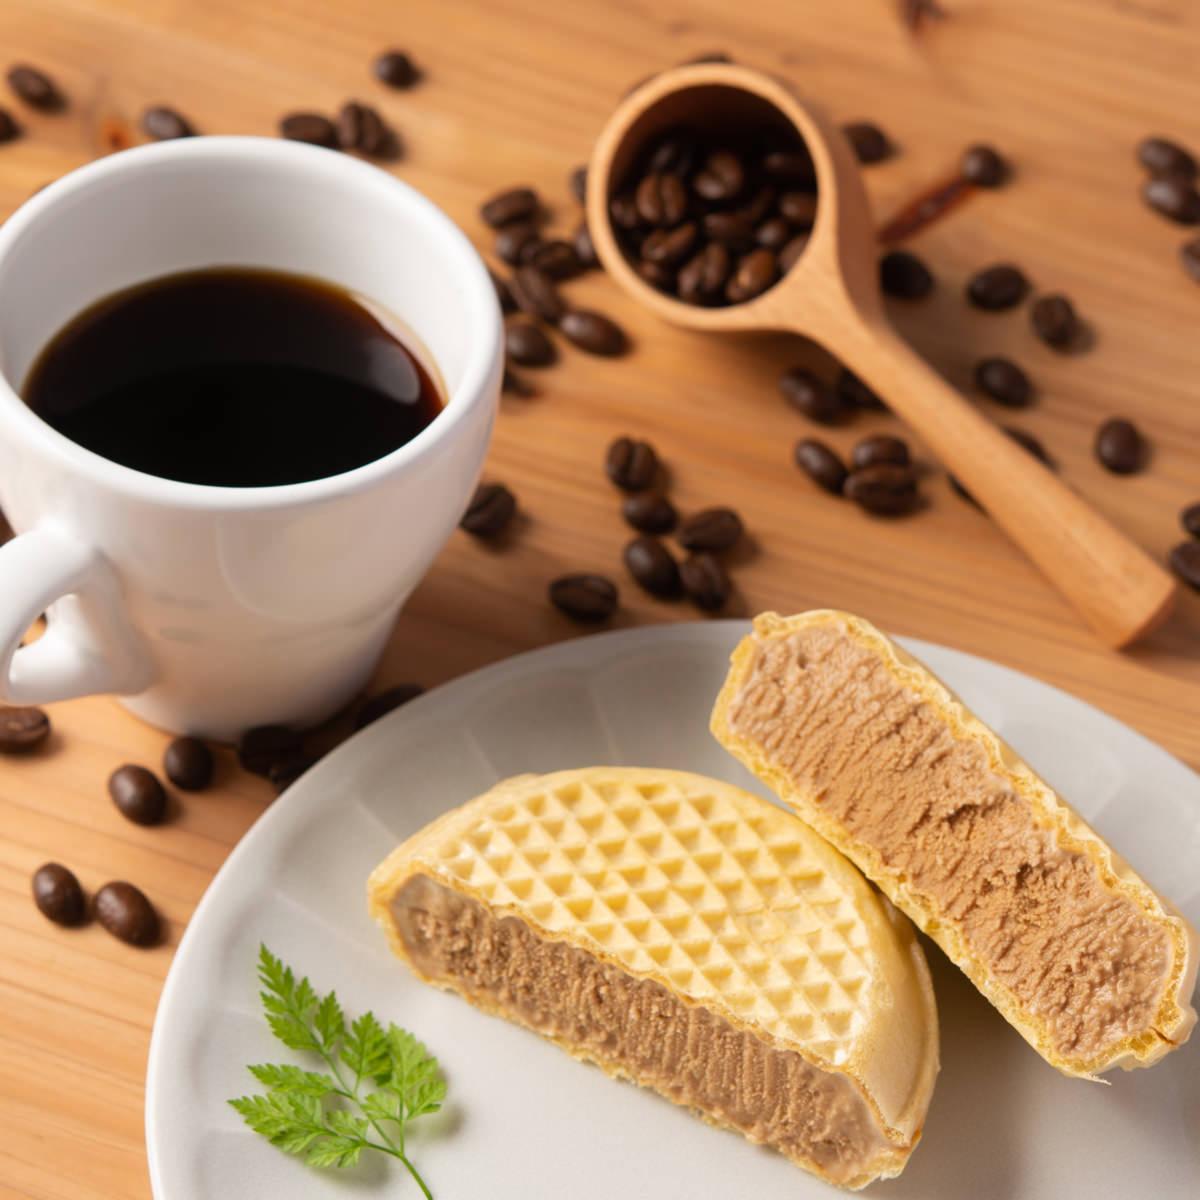 ドトールコーヒー薫るアイスモナカ10個 〔100ml×10〕 高知県土産 アイス 土佐 高知アイス